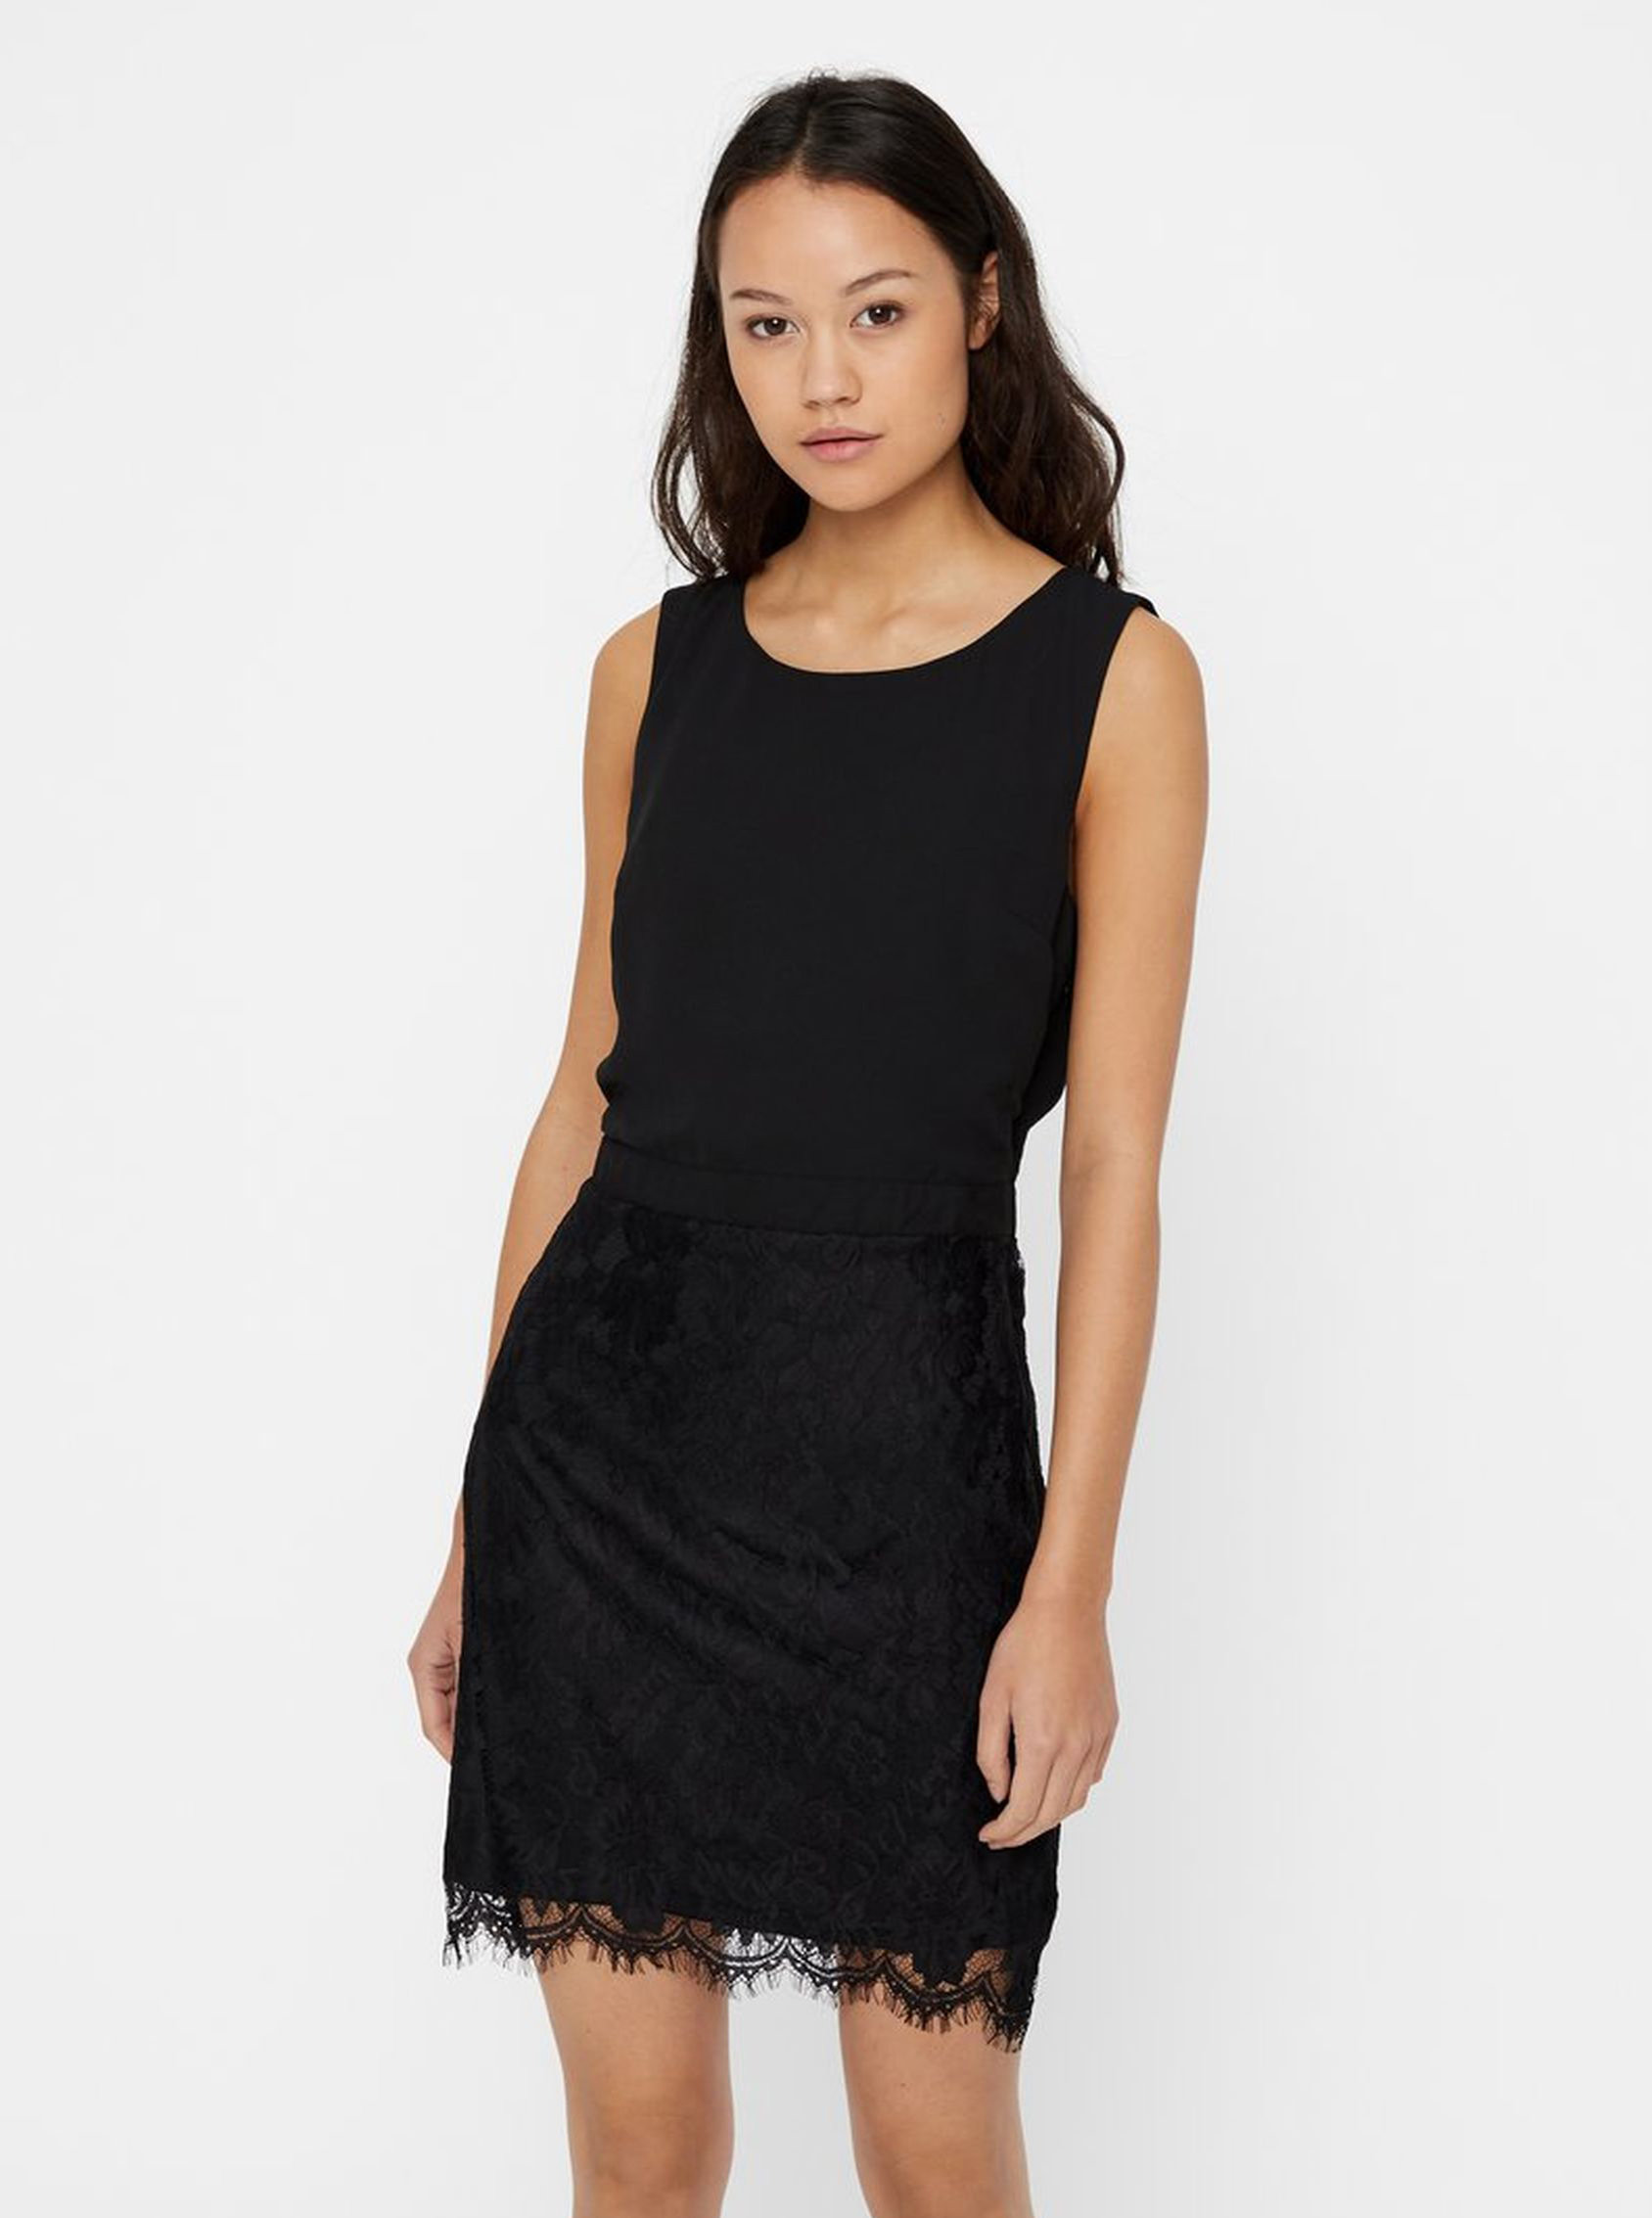 Čierne puzdrové šaty s čipkou VERO MODA Mevy ... 6cdec9dda57